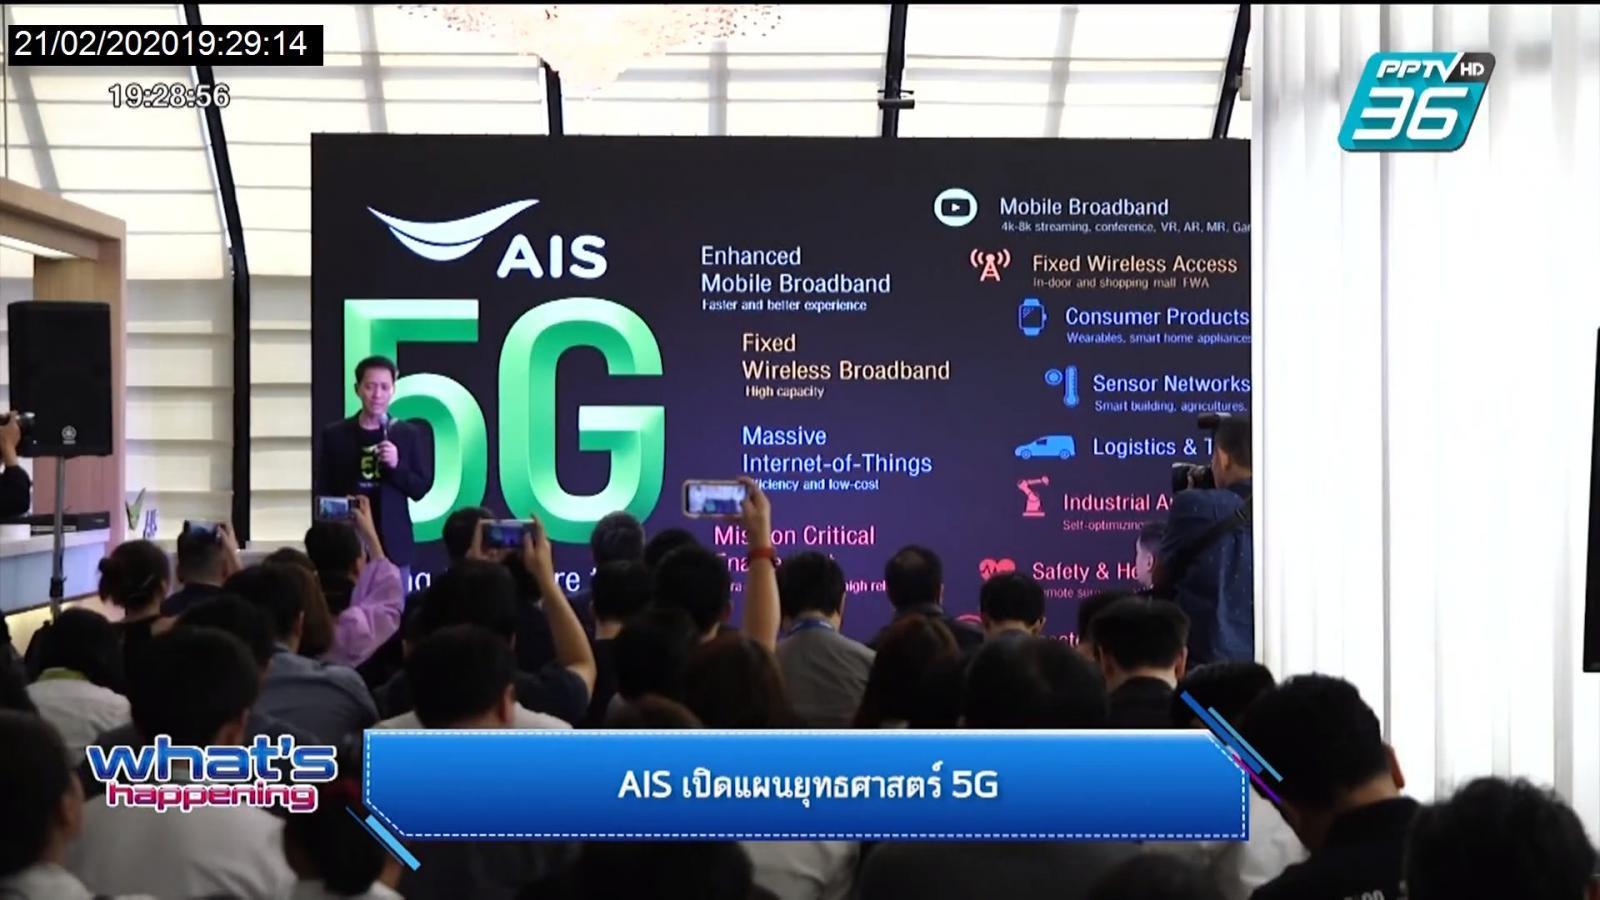 AIS เปิดแผนยุทธศาสตร์ 5G